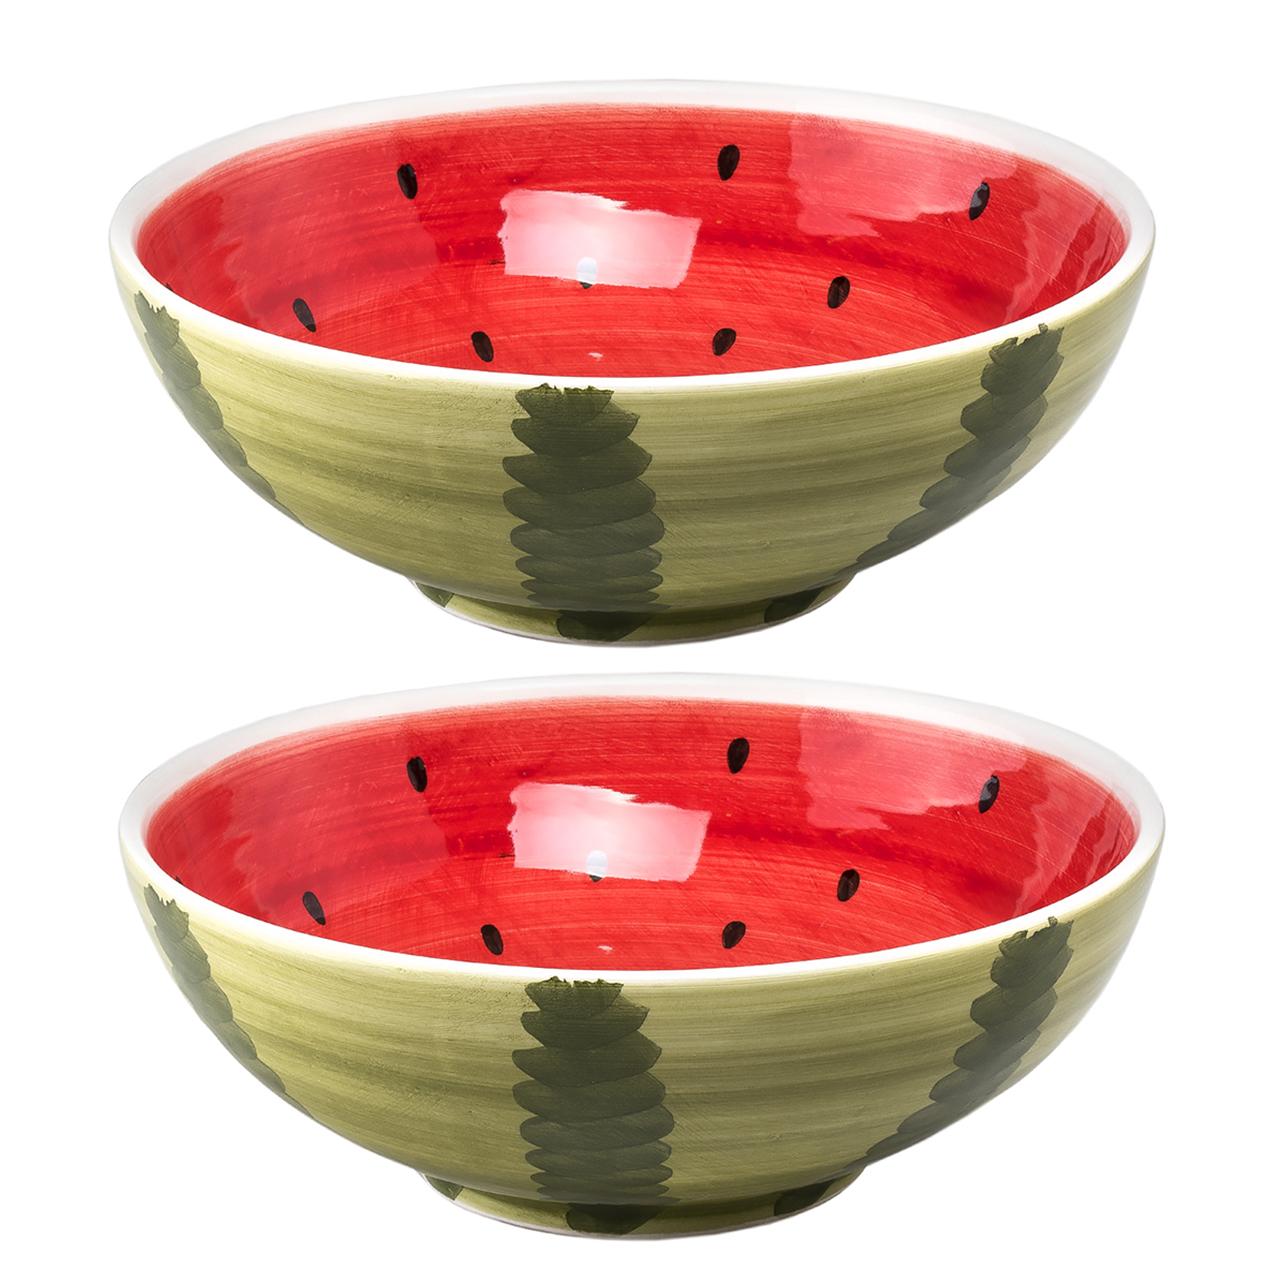 کاسه پرانی طرح هندوانه مدل 106 مجموعه دو عددی